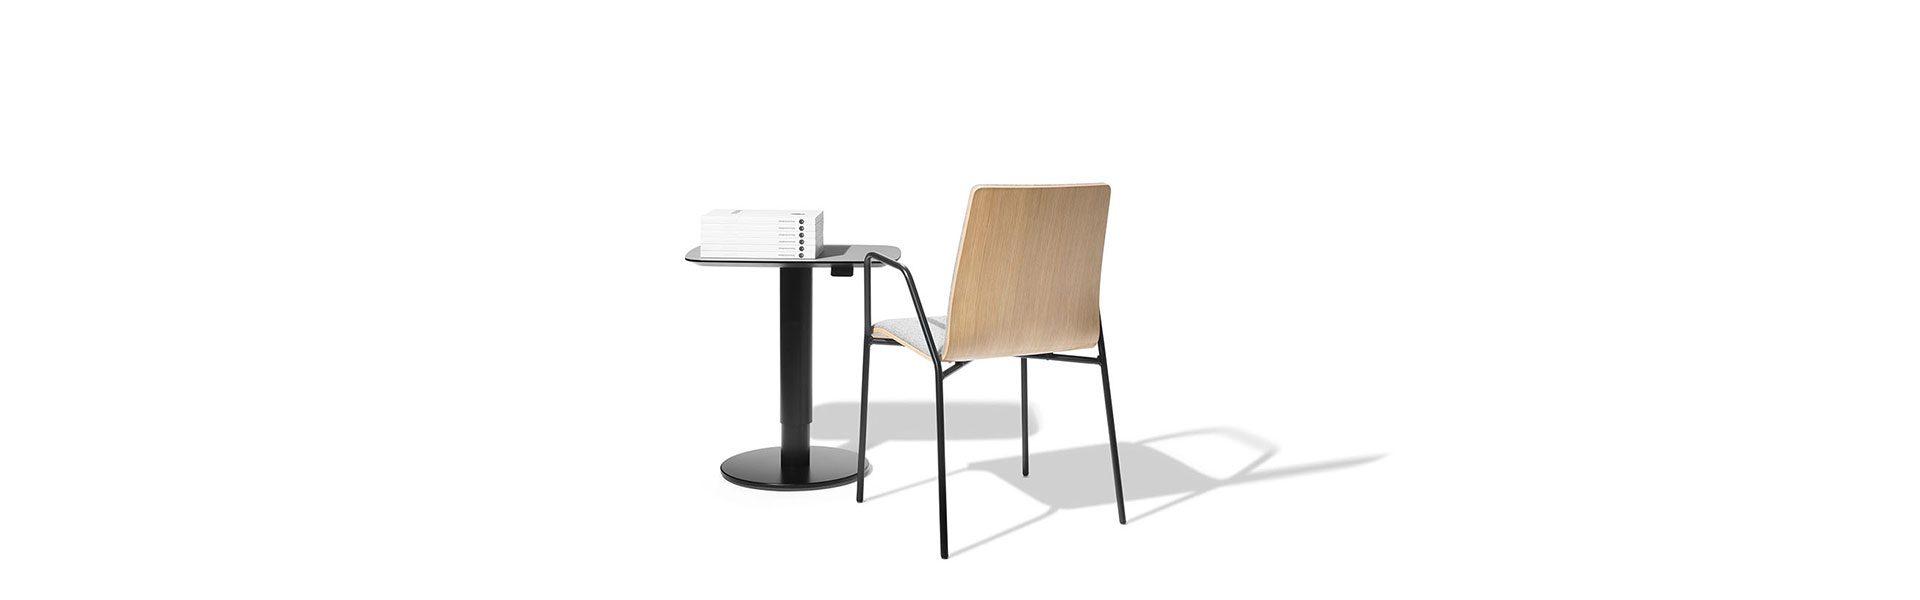 malschersitzmoebel-beistelltisch-225-stuhl-classic-3352